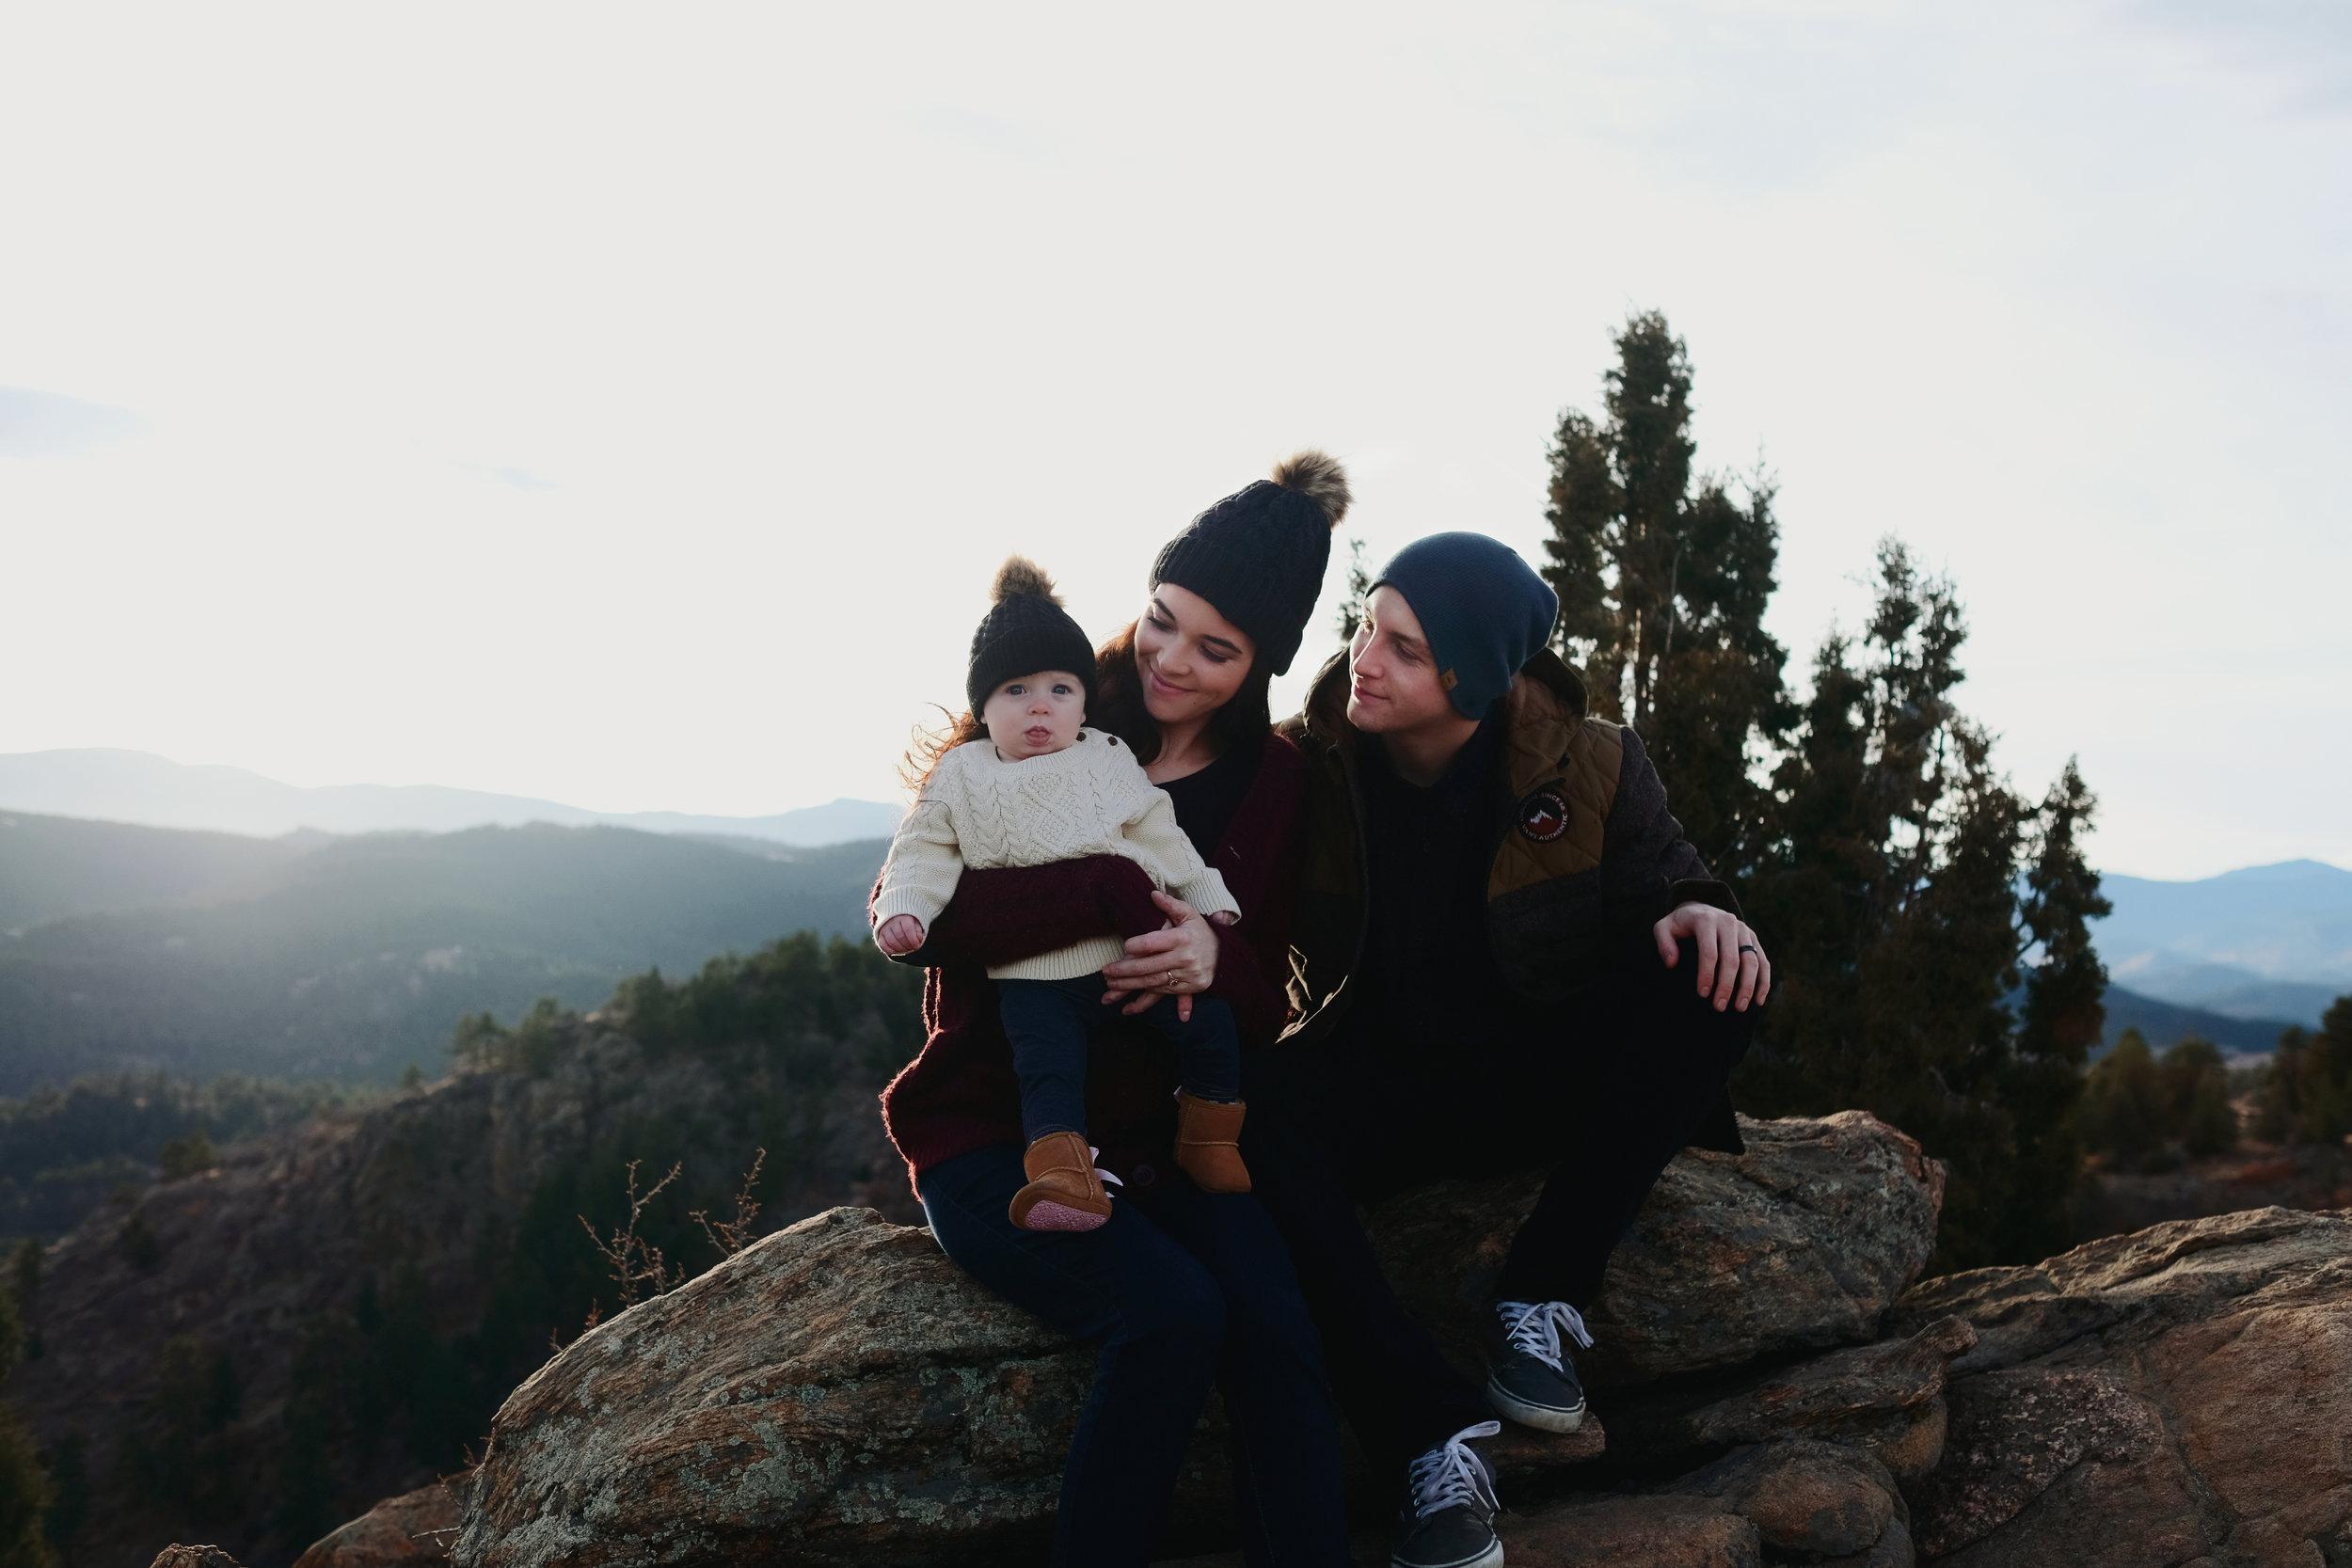 mountain-family-photographyy